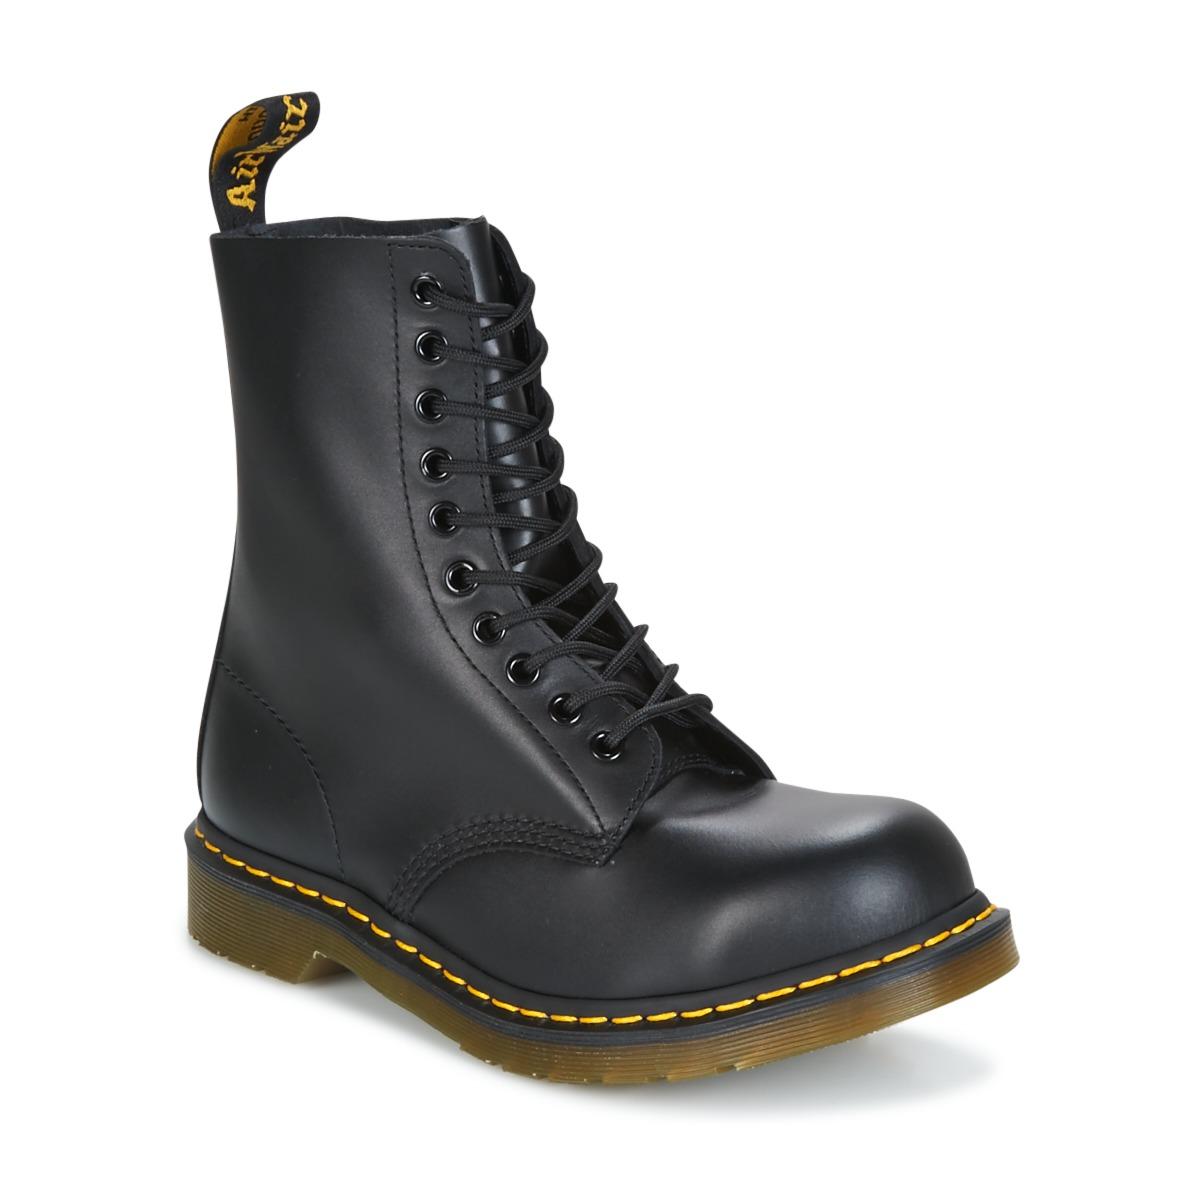 Dr Martens 1919 Schwarz - Kostenloser Versand bei Spartoode ! - Schuhe Boots  143,20 €